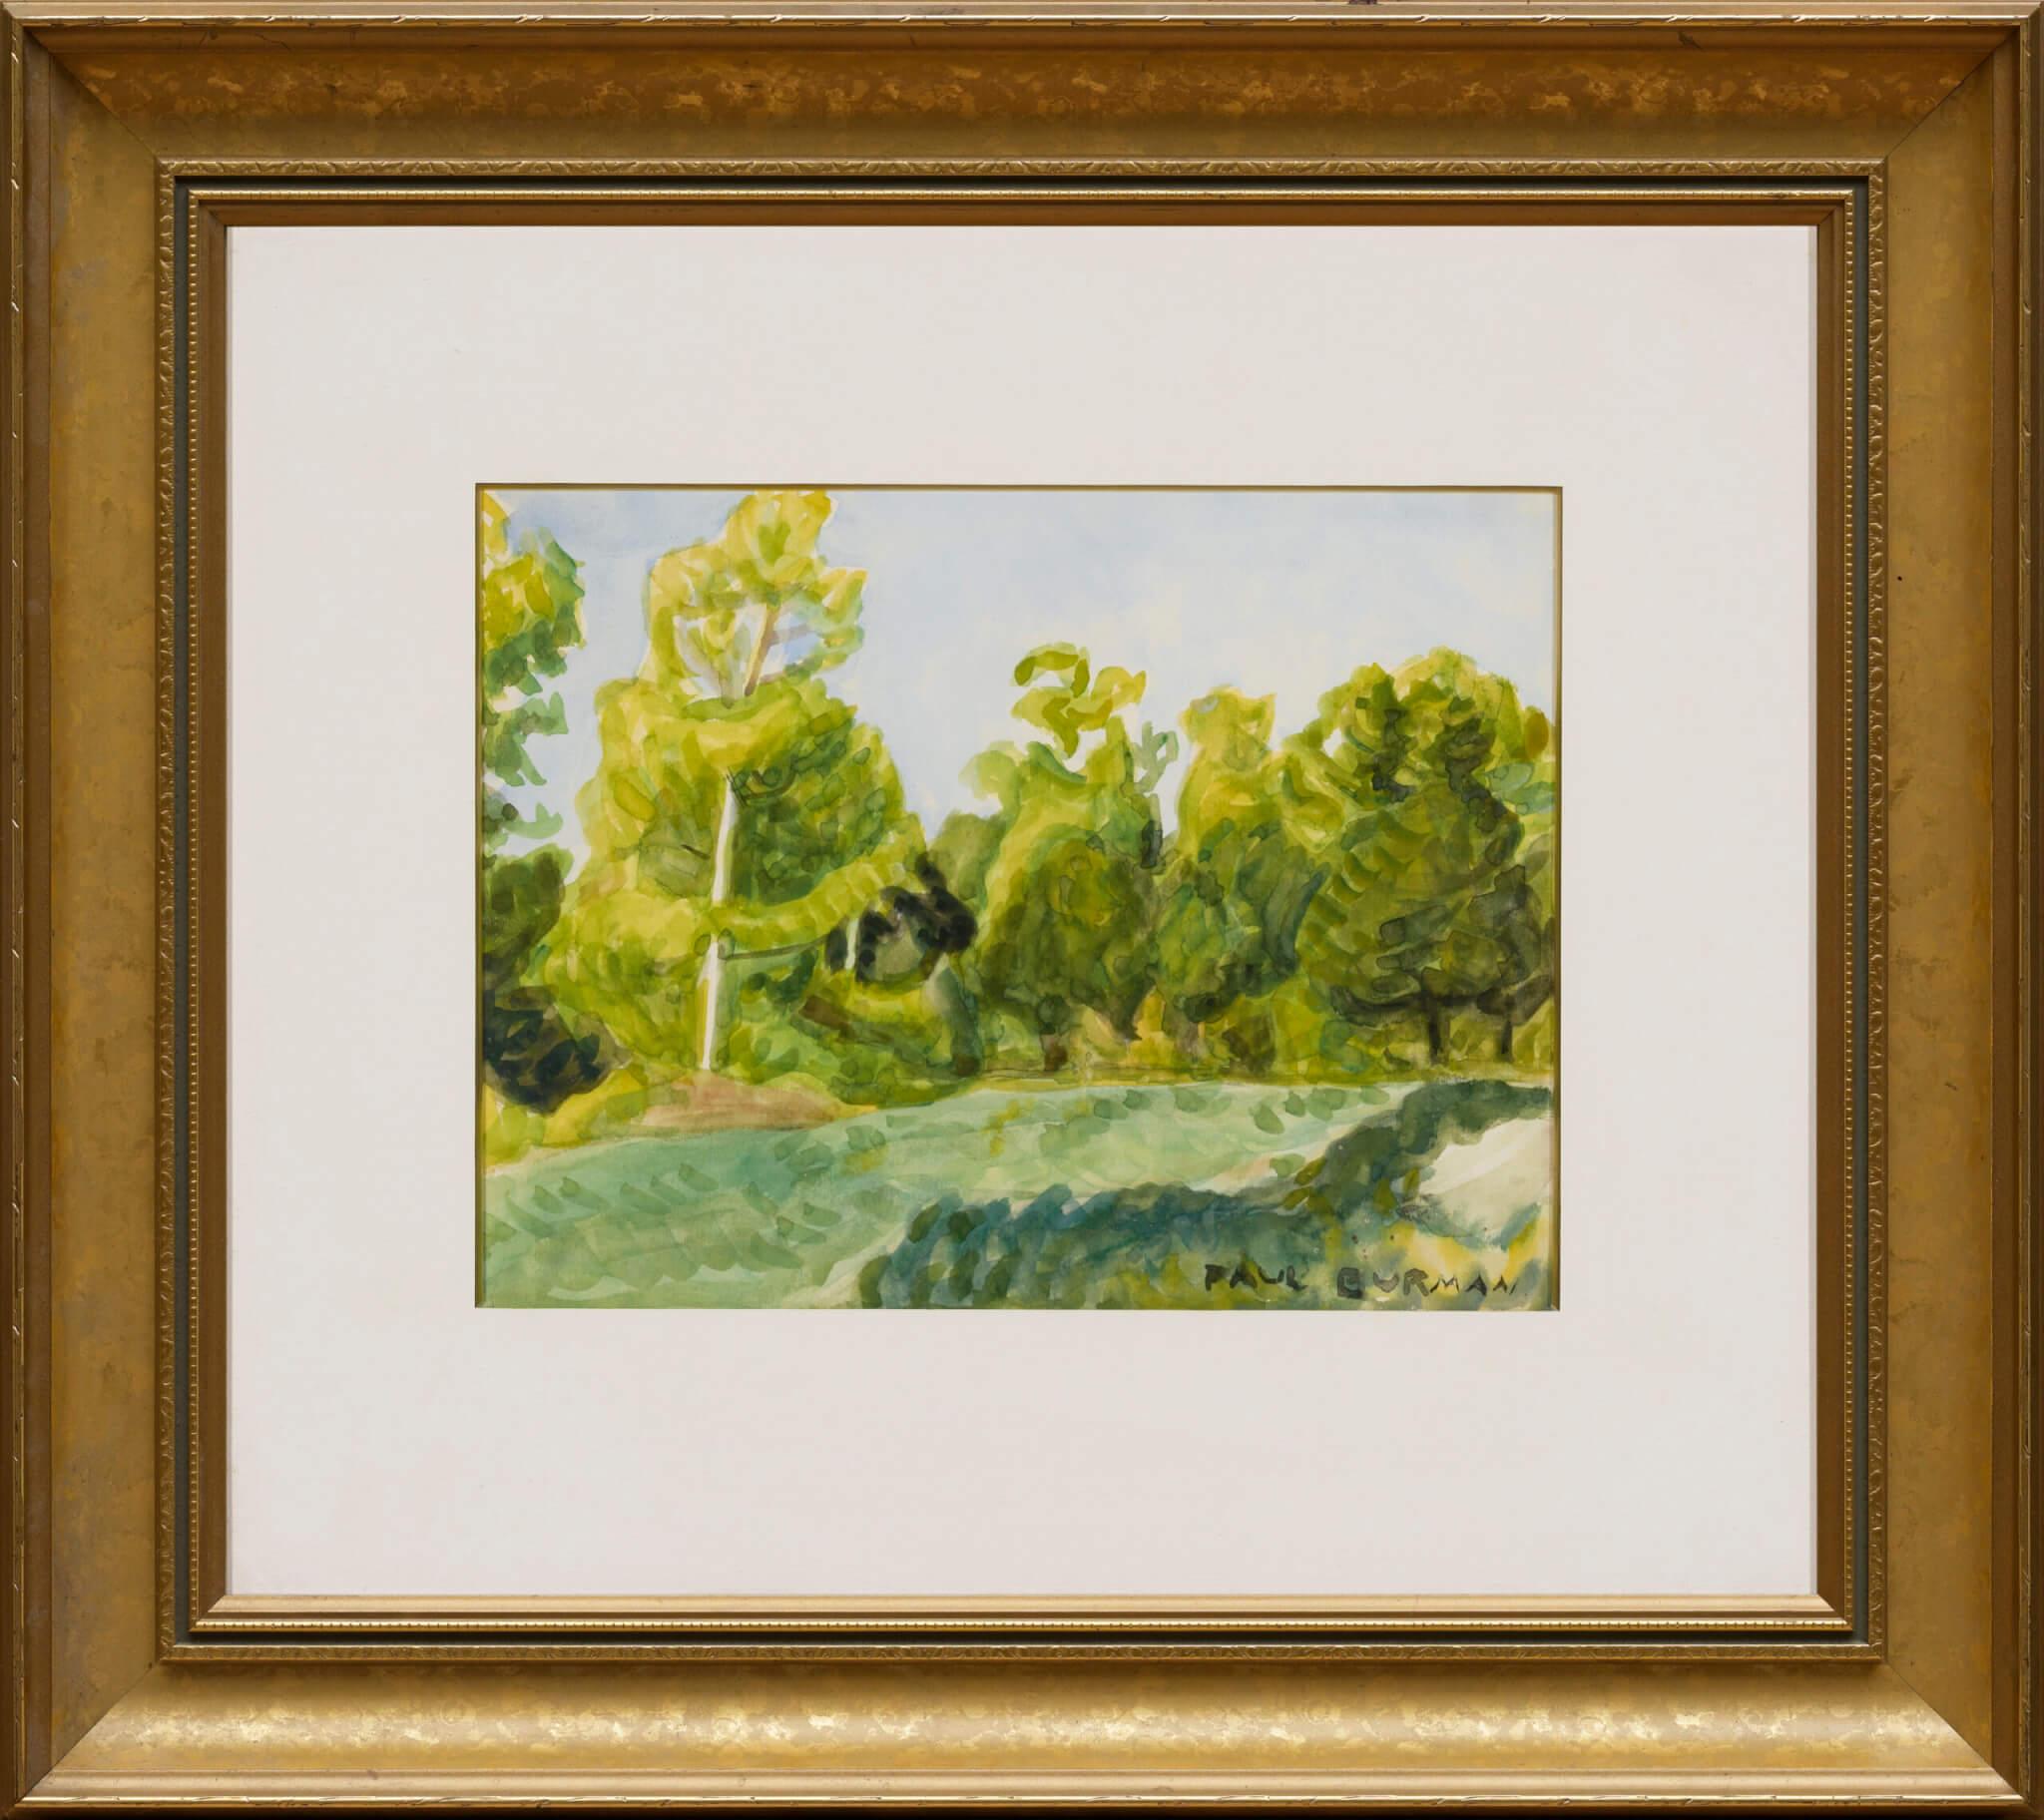 Paul-Burman-Allee-galerii-kunstioksjon-2020